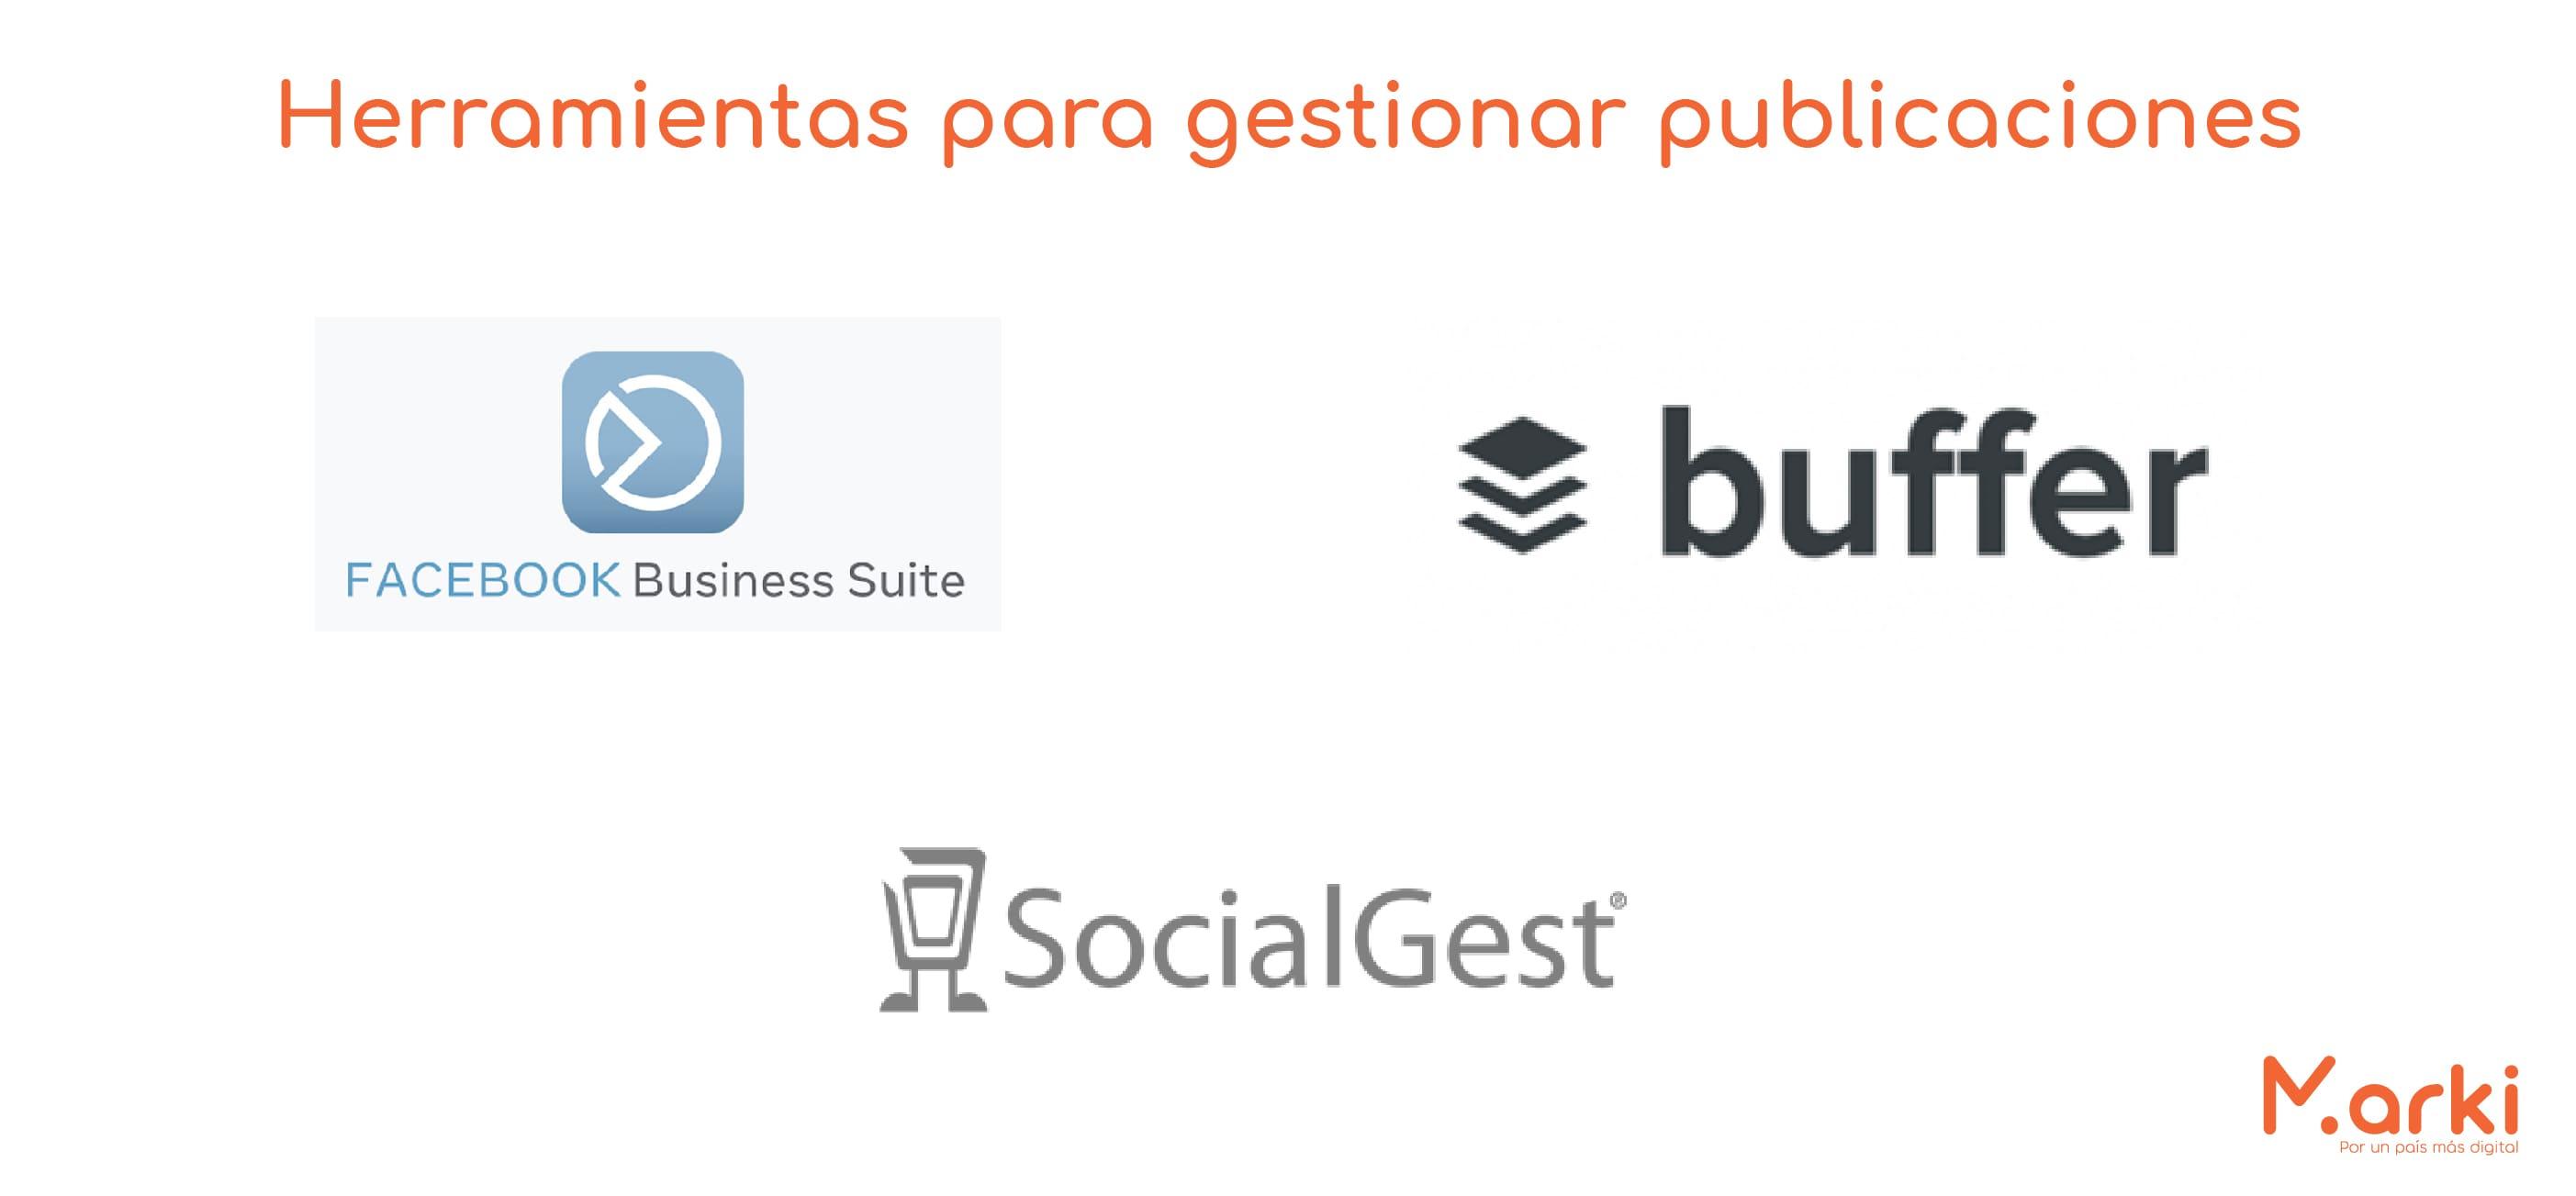 herramientas para redes sociales analítica de redes sociales metricas de redes sociales gestor de redes sociales gratis herramientas para redes sociales gratuitas habilidades digitales asesorías de marketing digital Desarrollo de habilidades digitales voluntarios universitarios voluntariado peru Voluntariado online capacitacion de marketing digital voluntariado marki